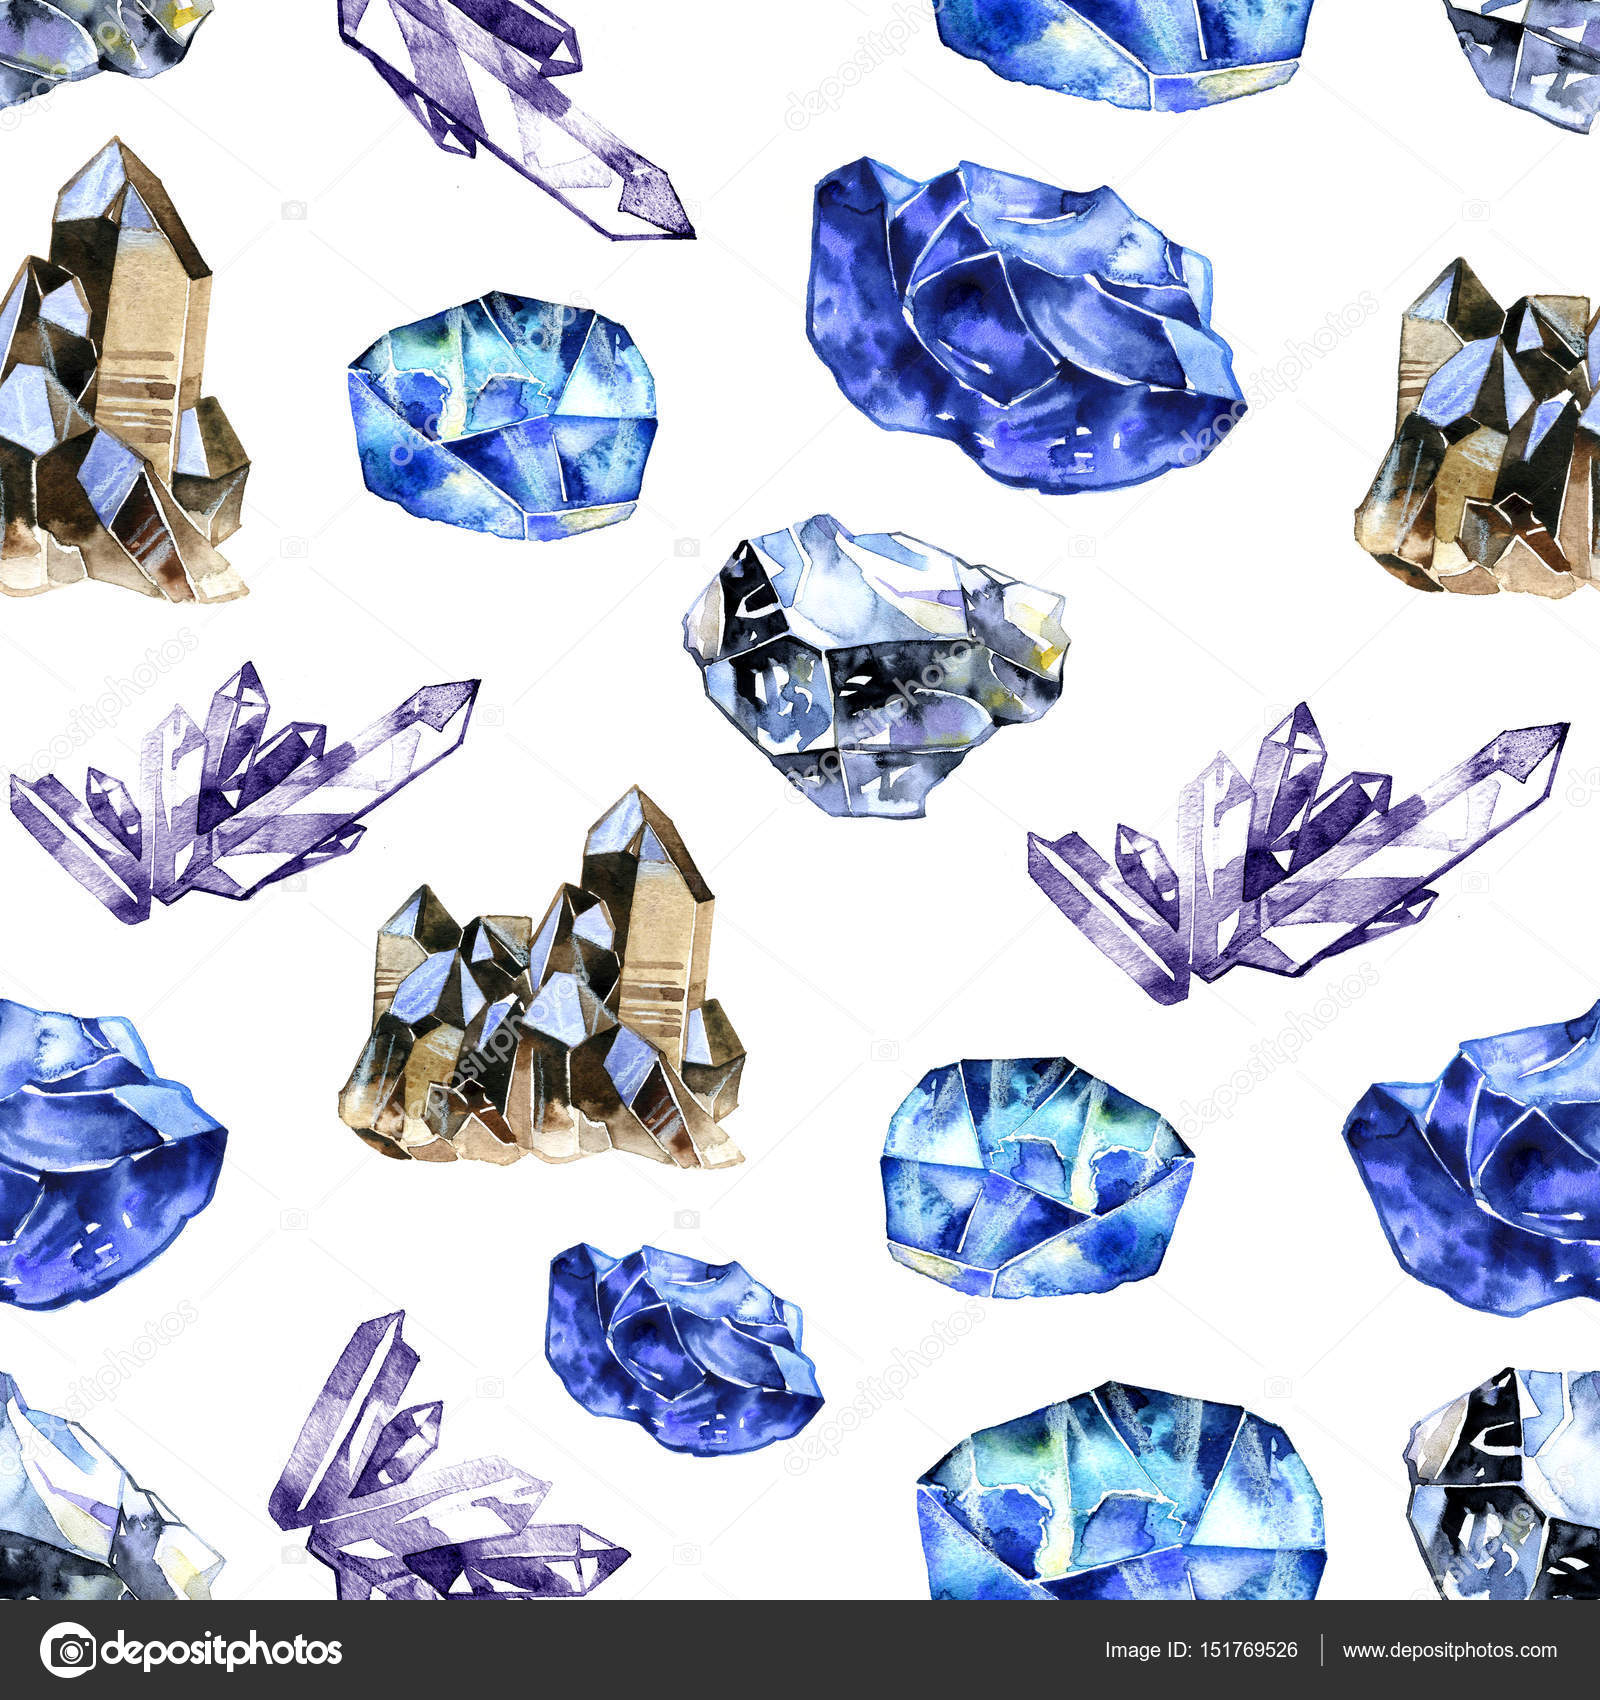 66a4d76f7 Akvarell kristályok drágaköveket. Kézzel rajzolt varrat nélküli ...